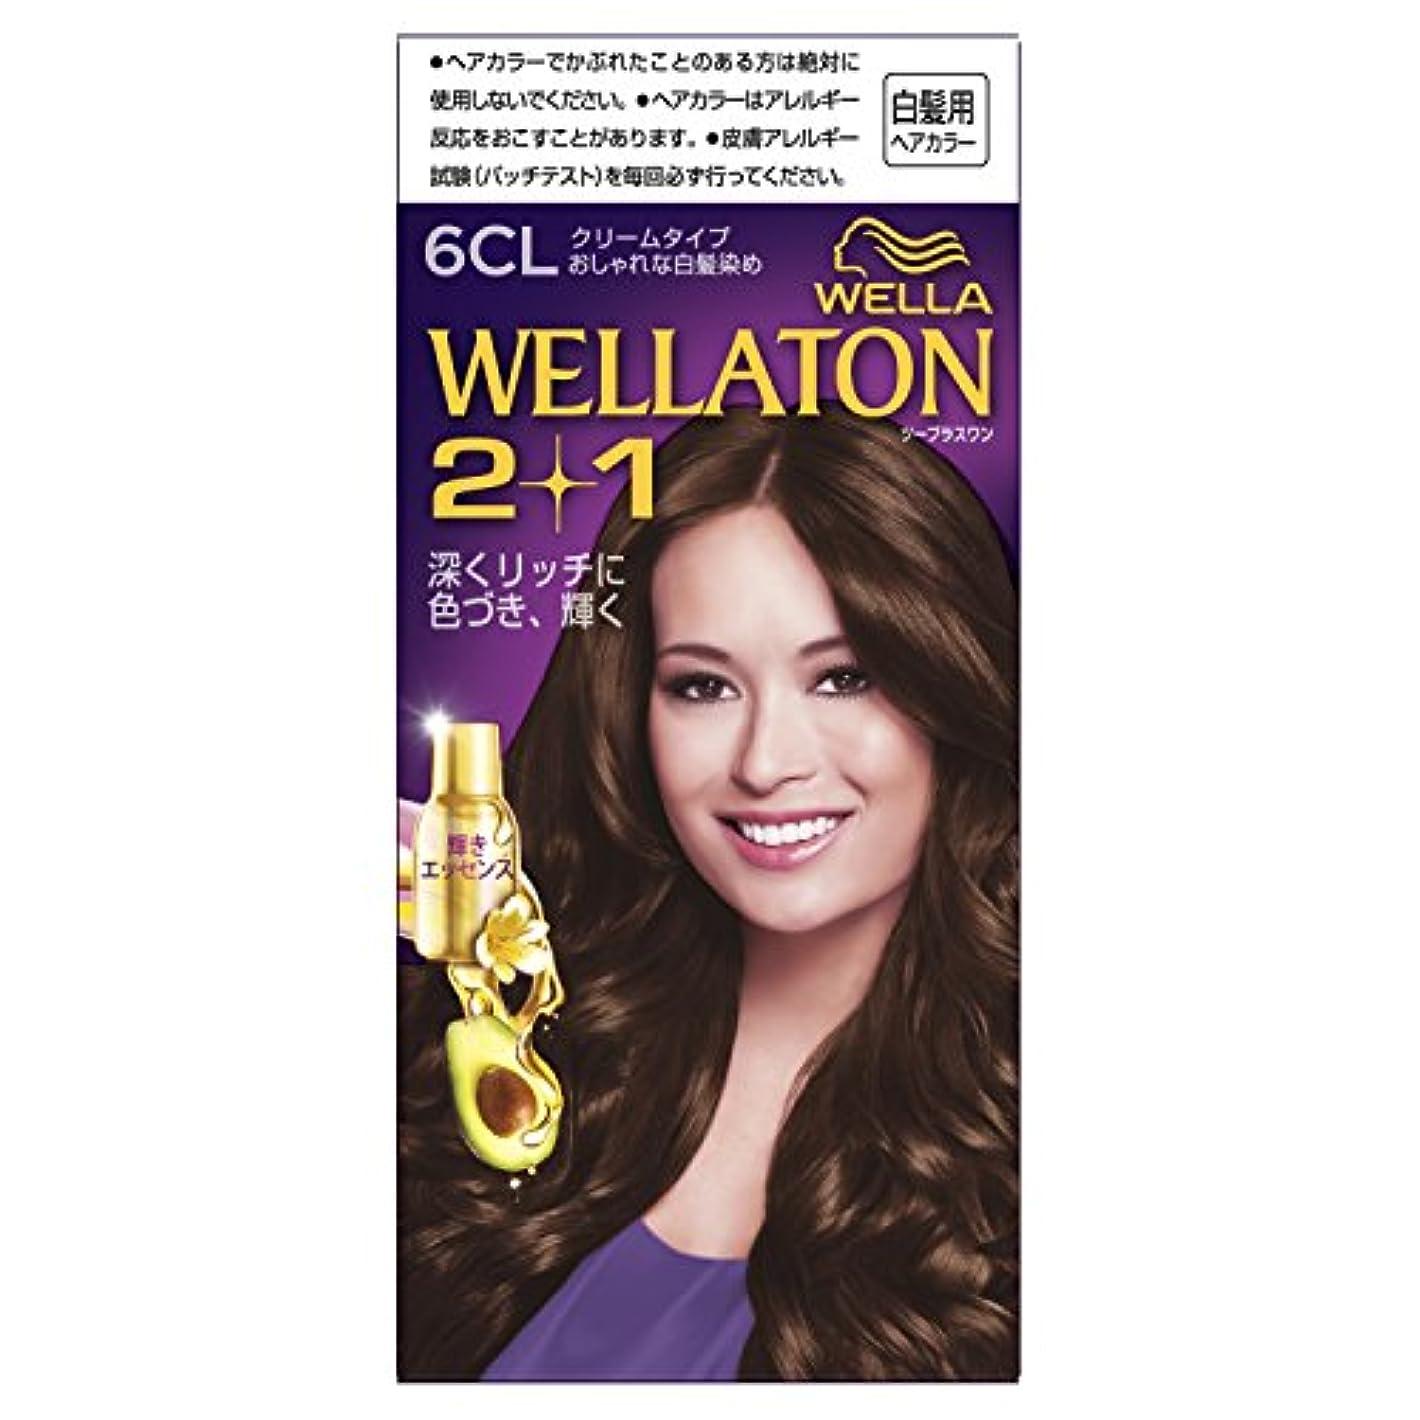 シャイ限界樫の木ウエラトーン2+1 クリームタイプ 6CL [医薬部外品](おしゃれな白髪染め)